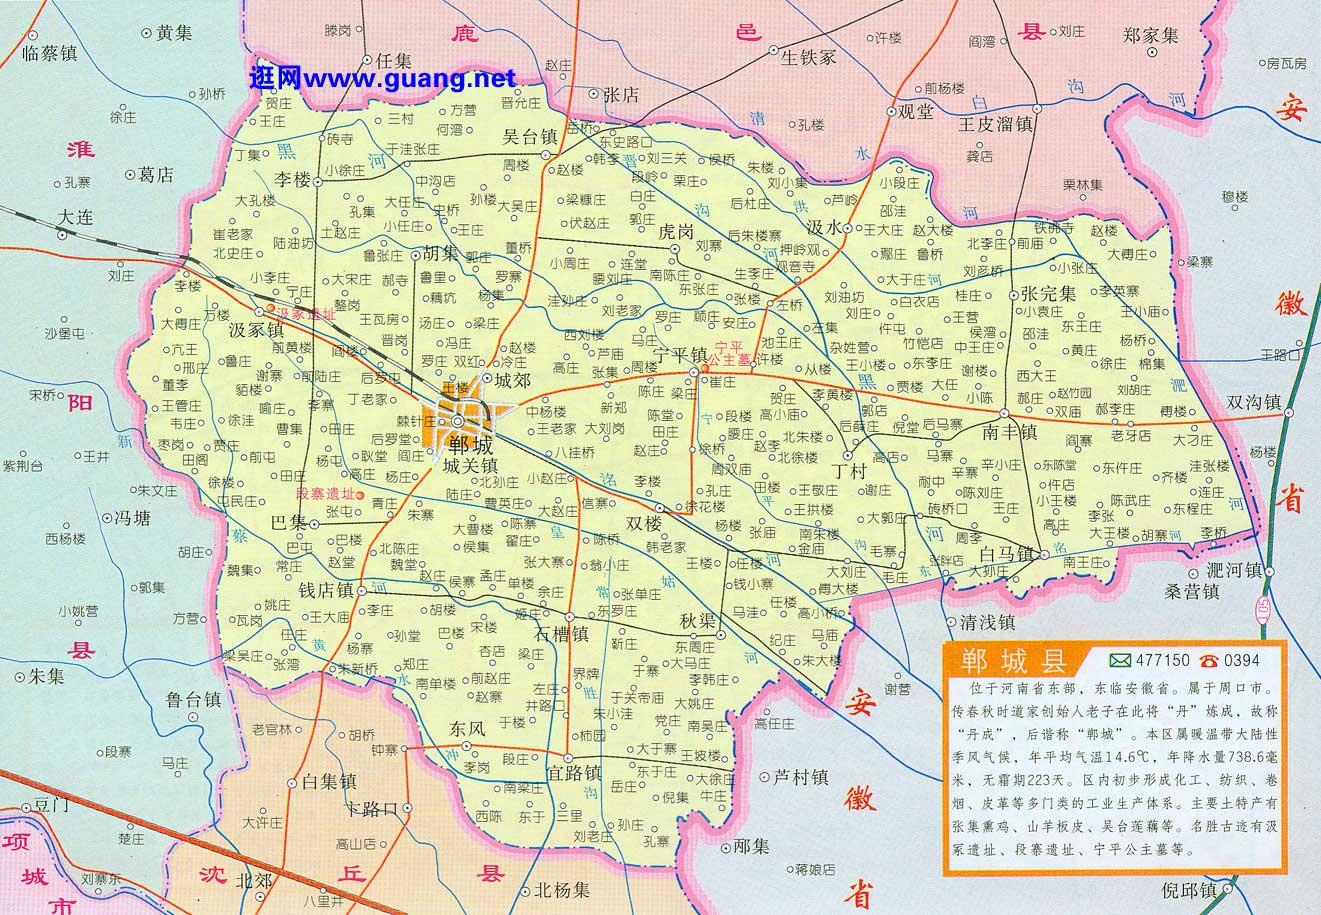 郸城县地图_郸城县最新规划图